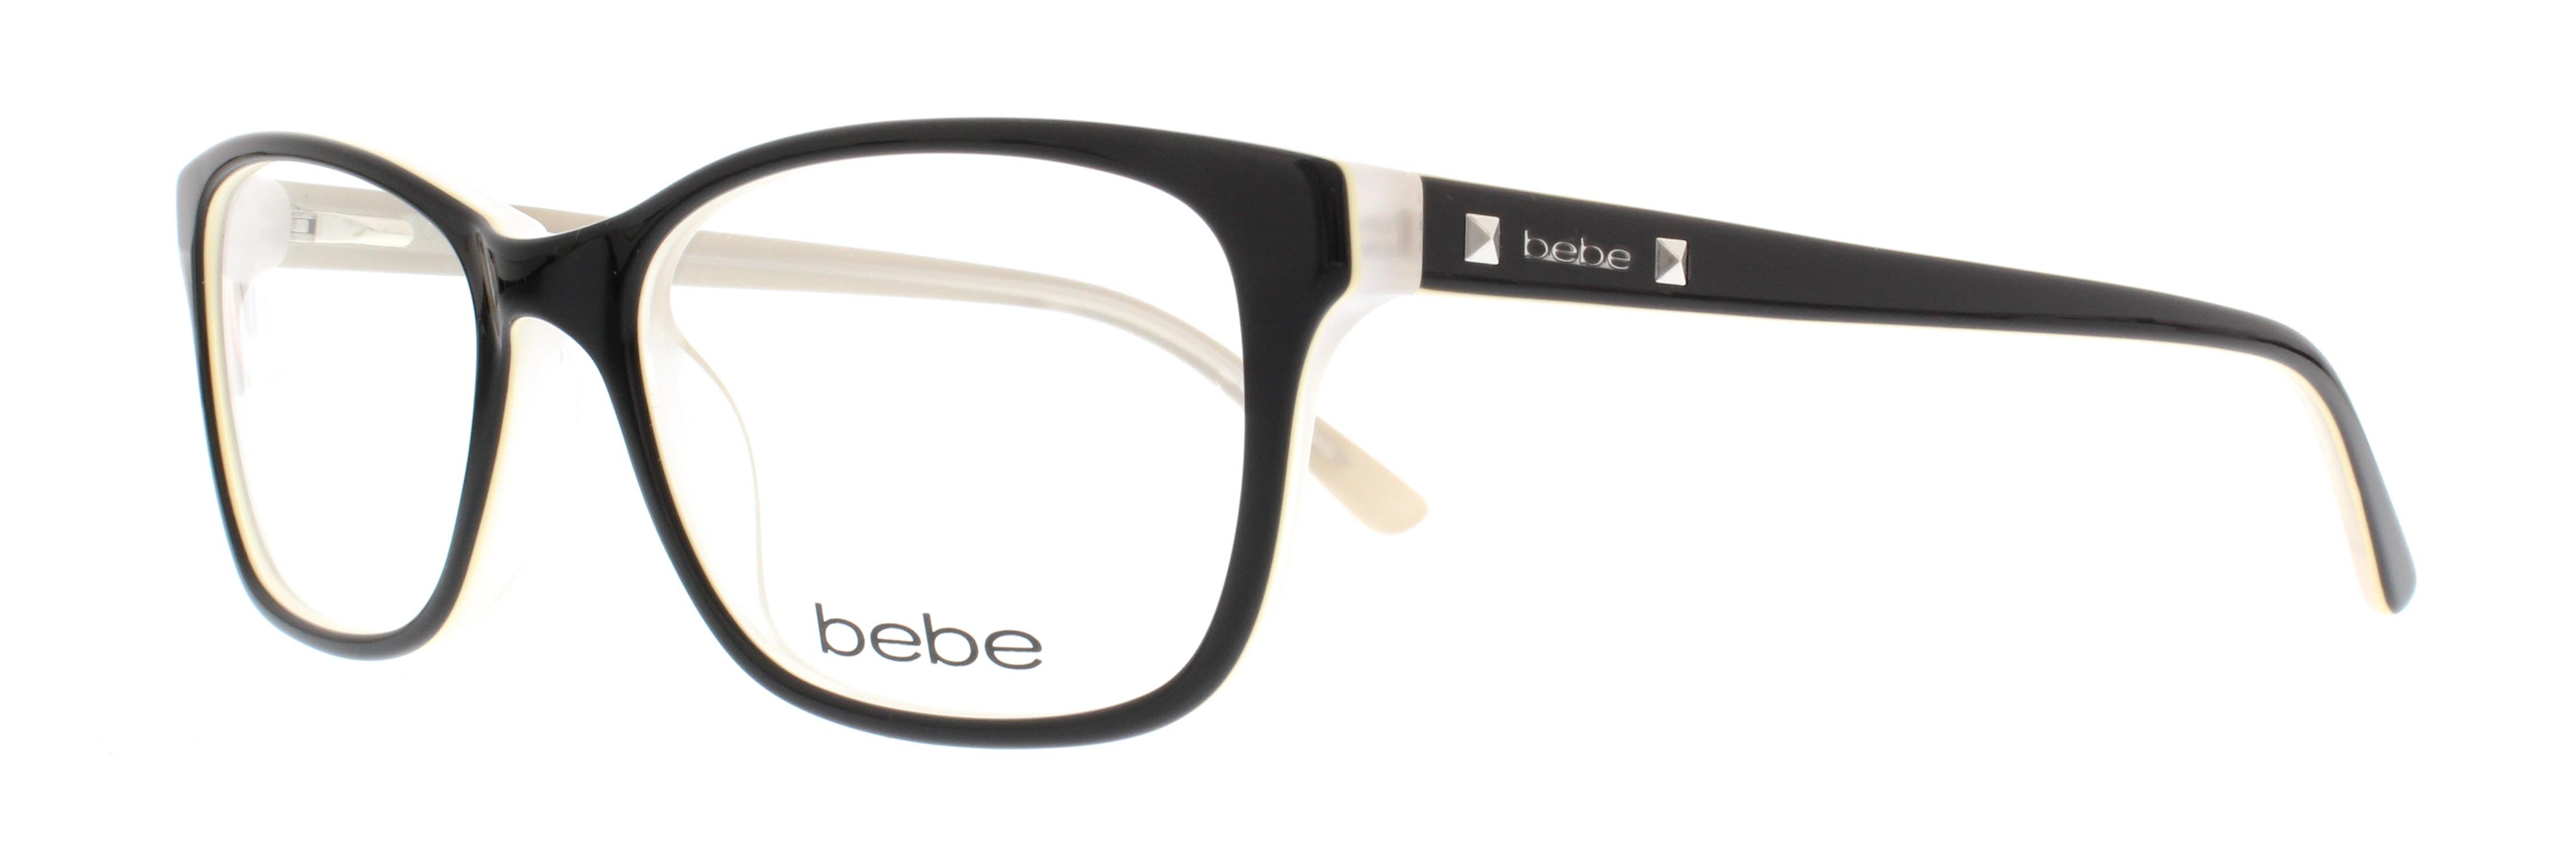 5398c1d2d8 Designer Frames Outlet. Bebe BB5075 Join The Club